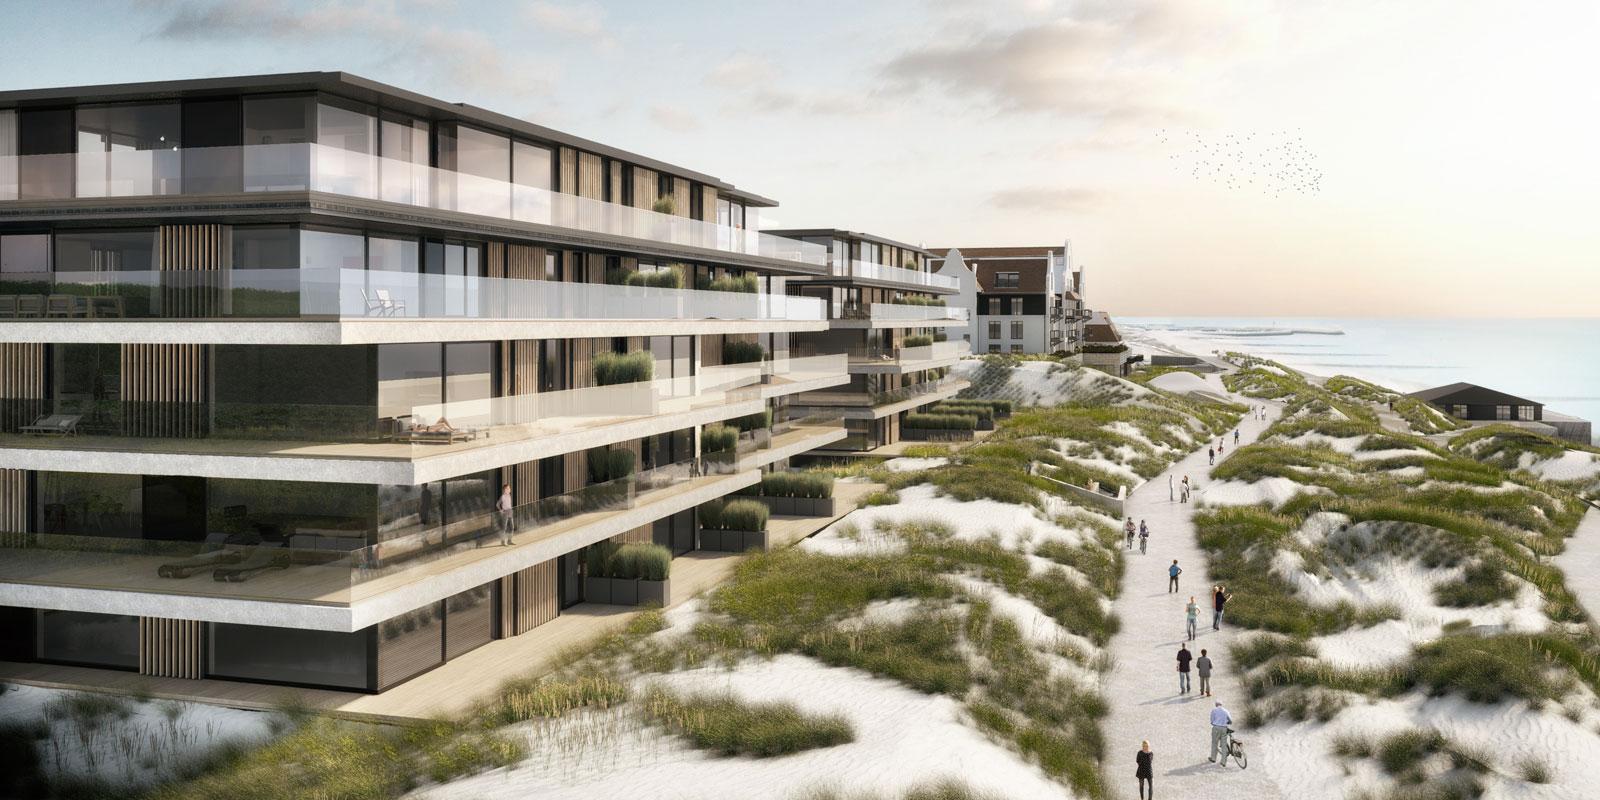 Versluys groep, de blanke top, residentie de blanke top, wonen aan zee, appartementen, the art of living